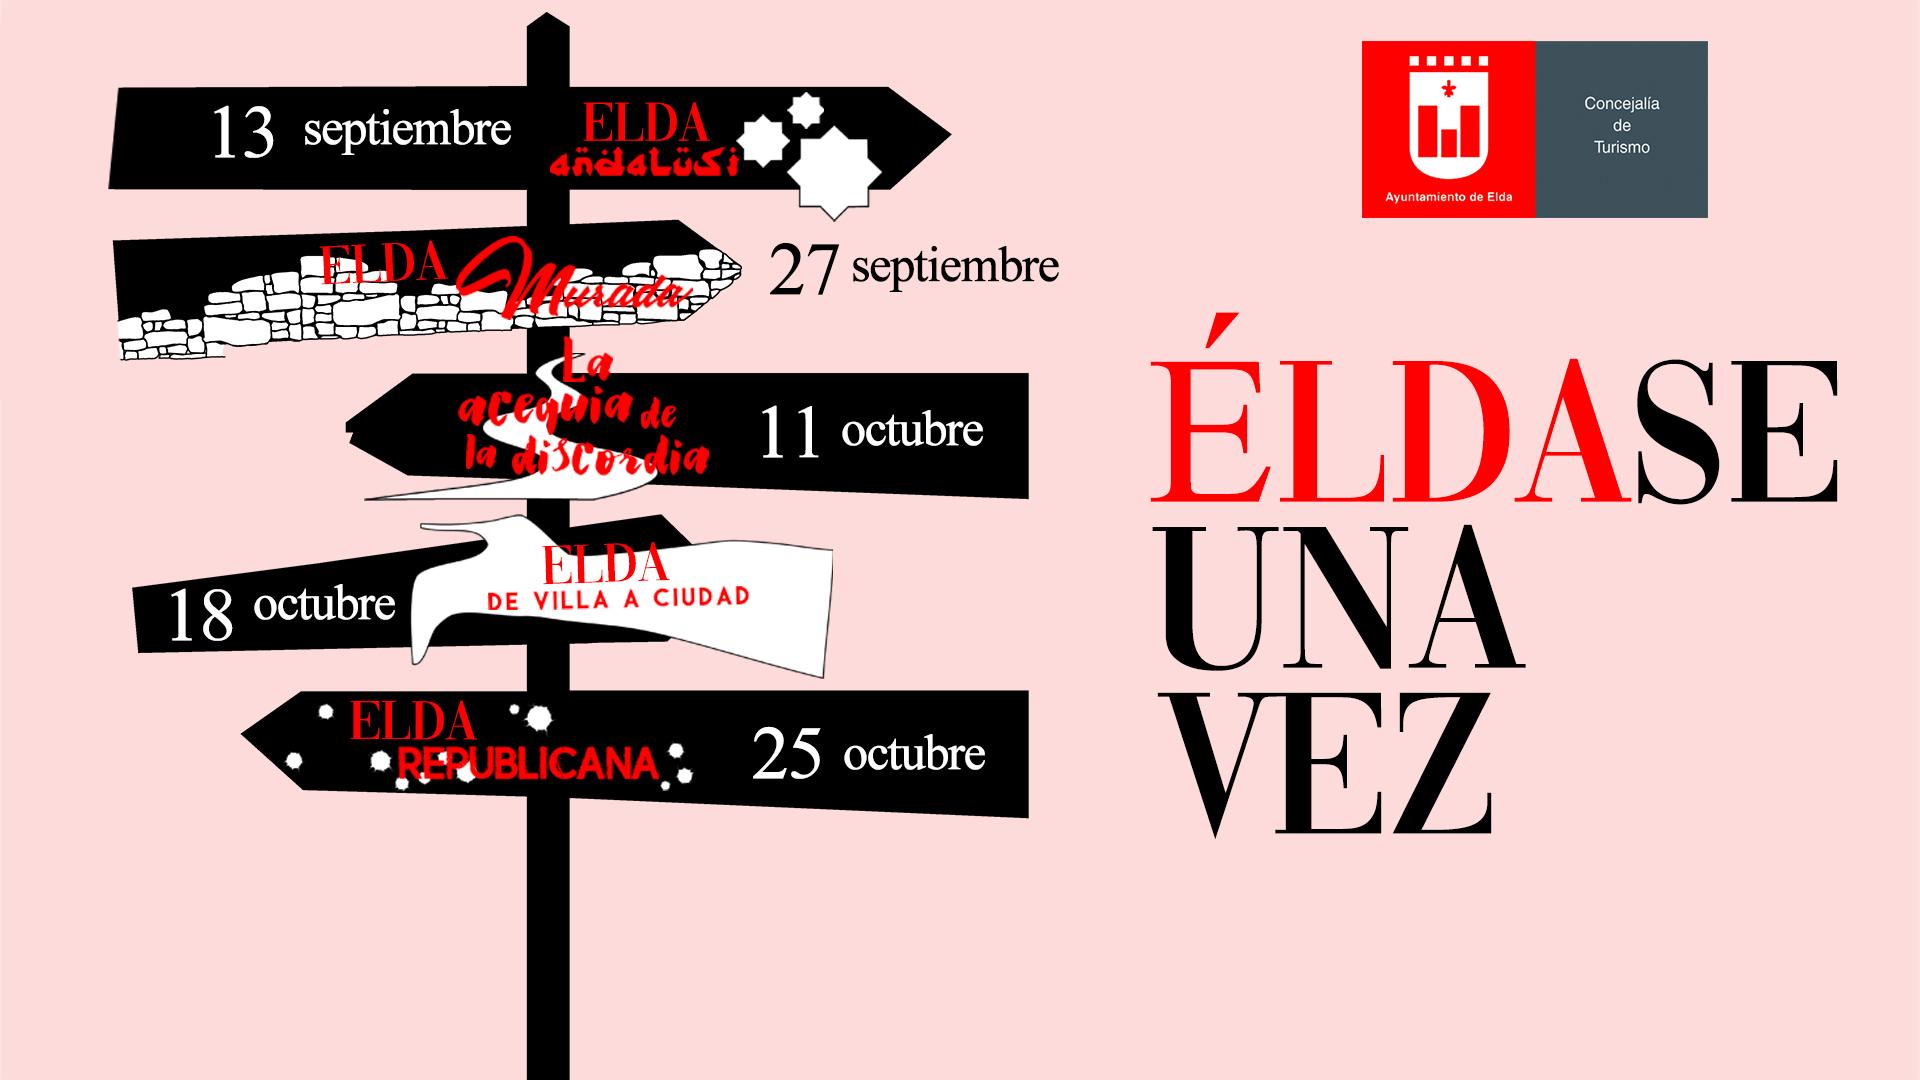 Turismo pone en marcha la quinta edición de las rutas 'Éldase una vez' que permiten conocer la evolución histórica de la ciudad